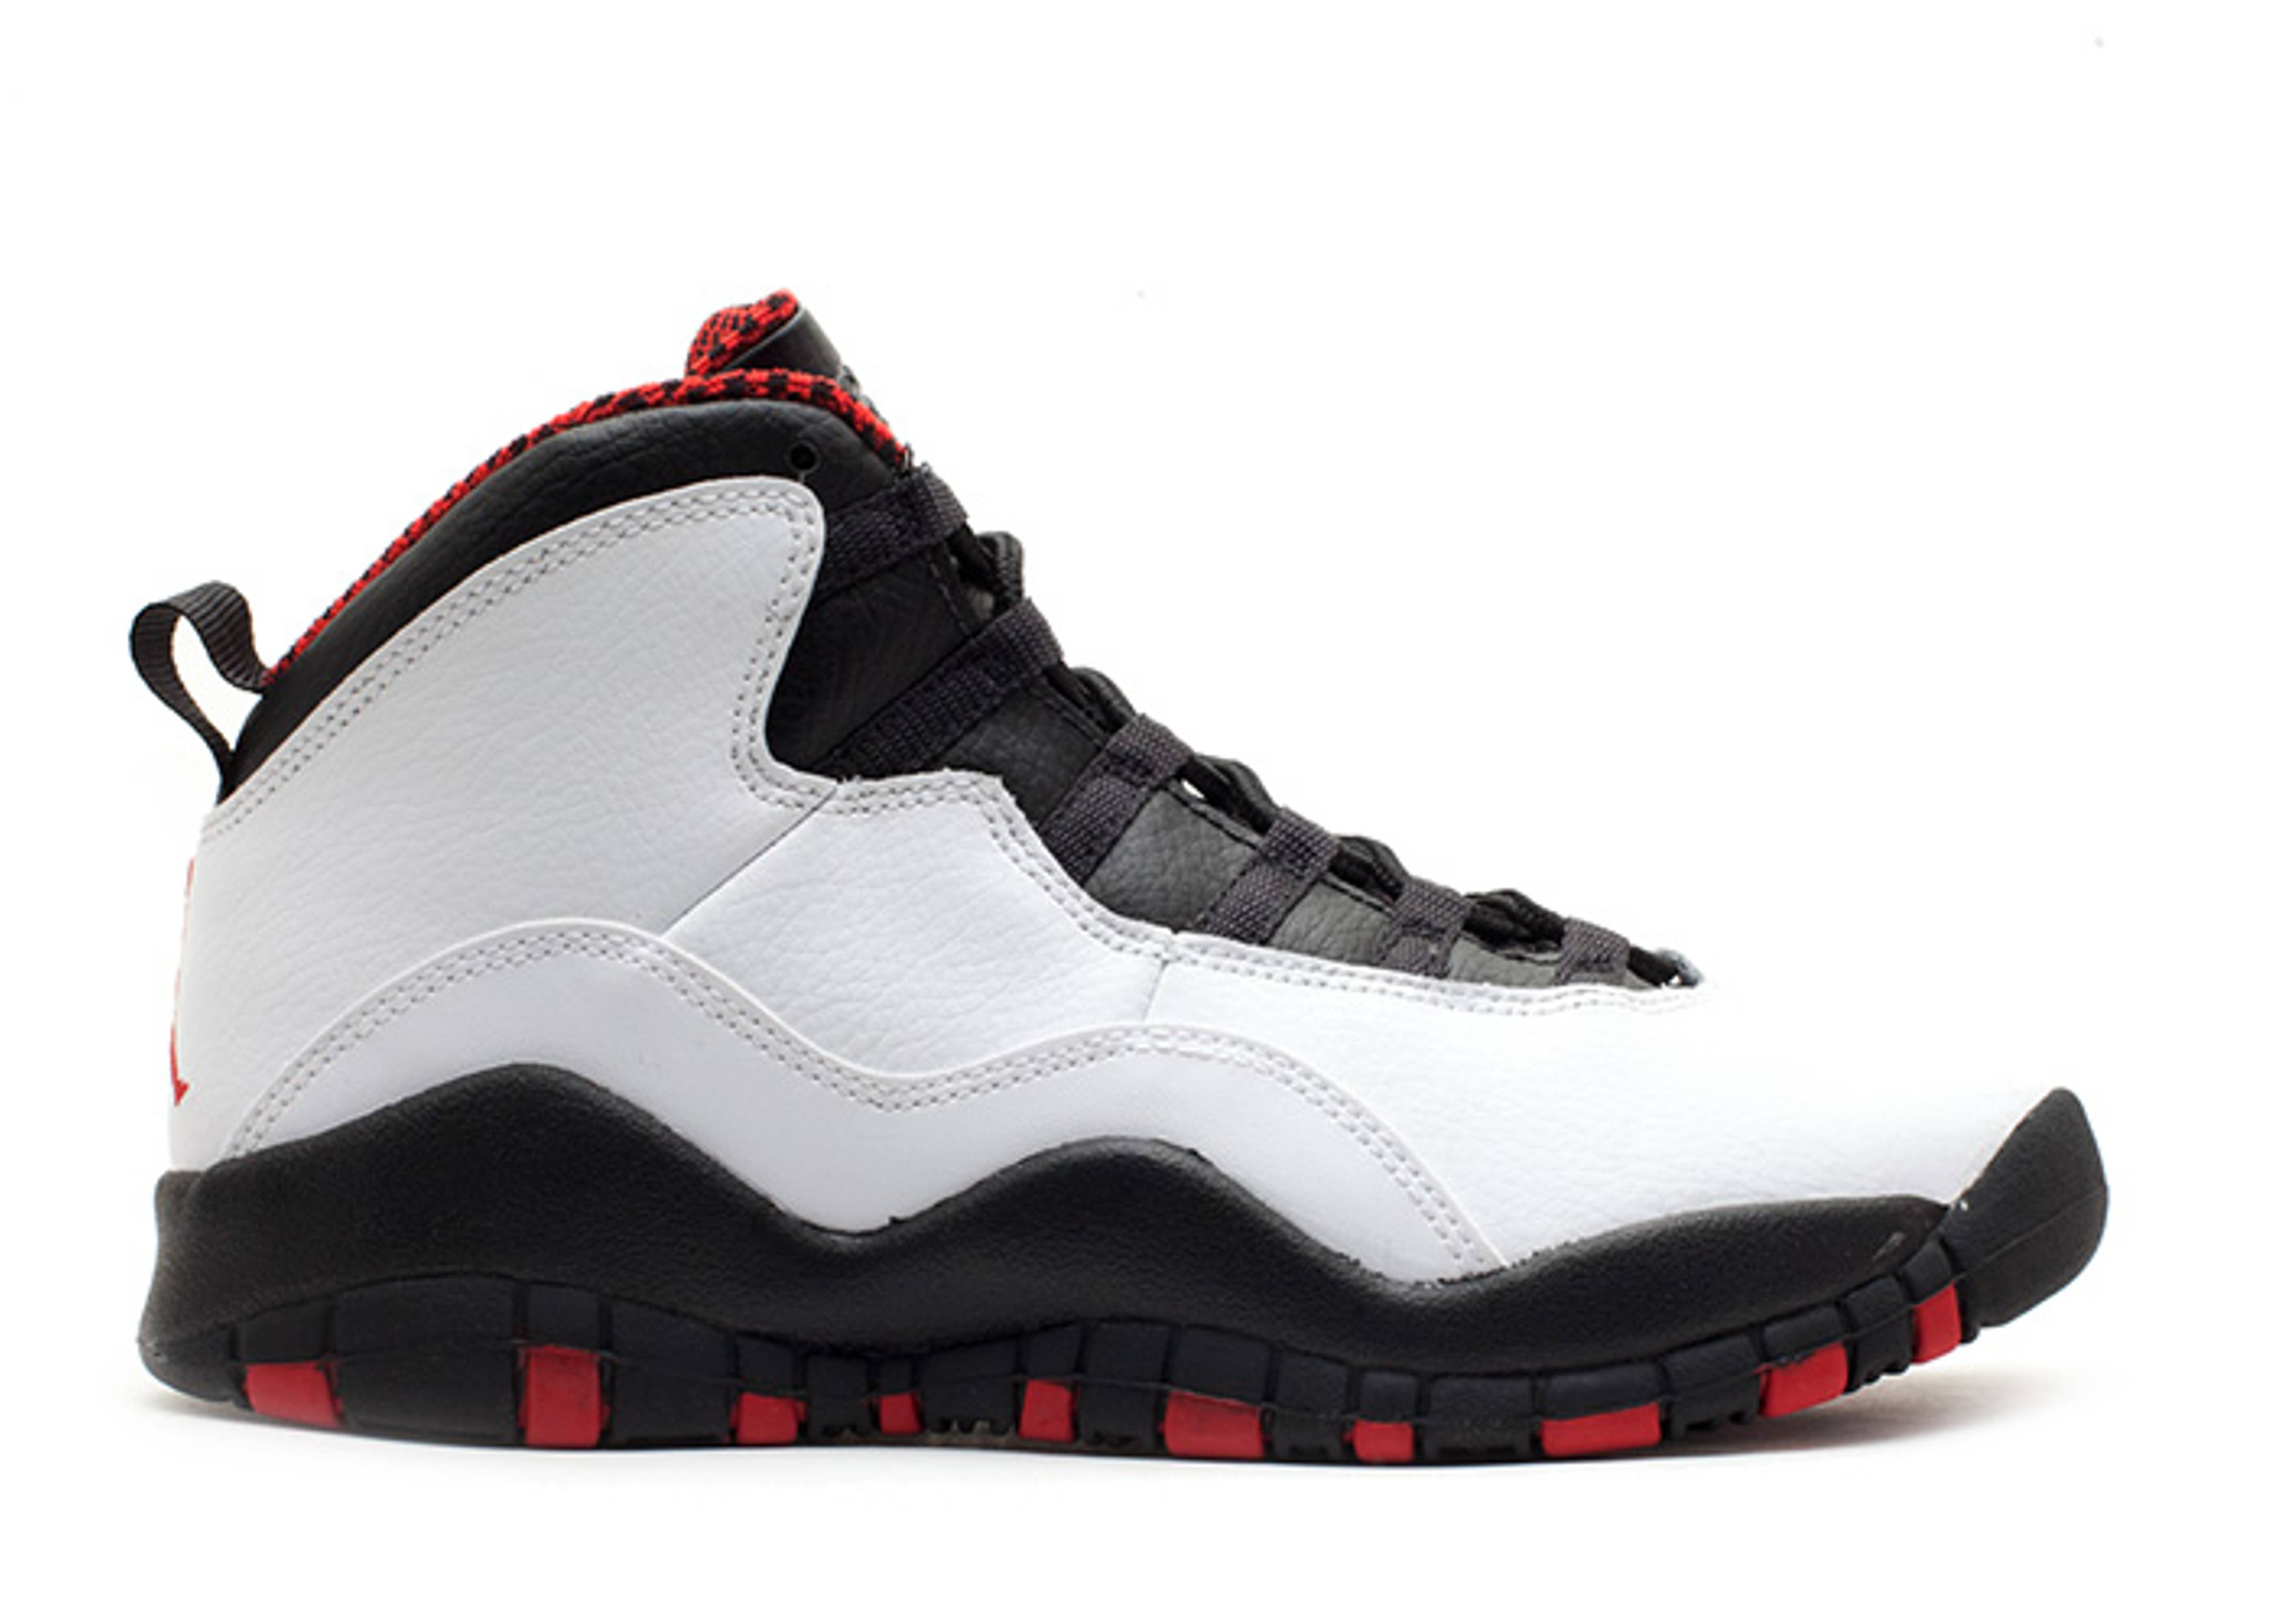 """air jordan 10 retro (gs) """"chicago 2012 release"""""""